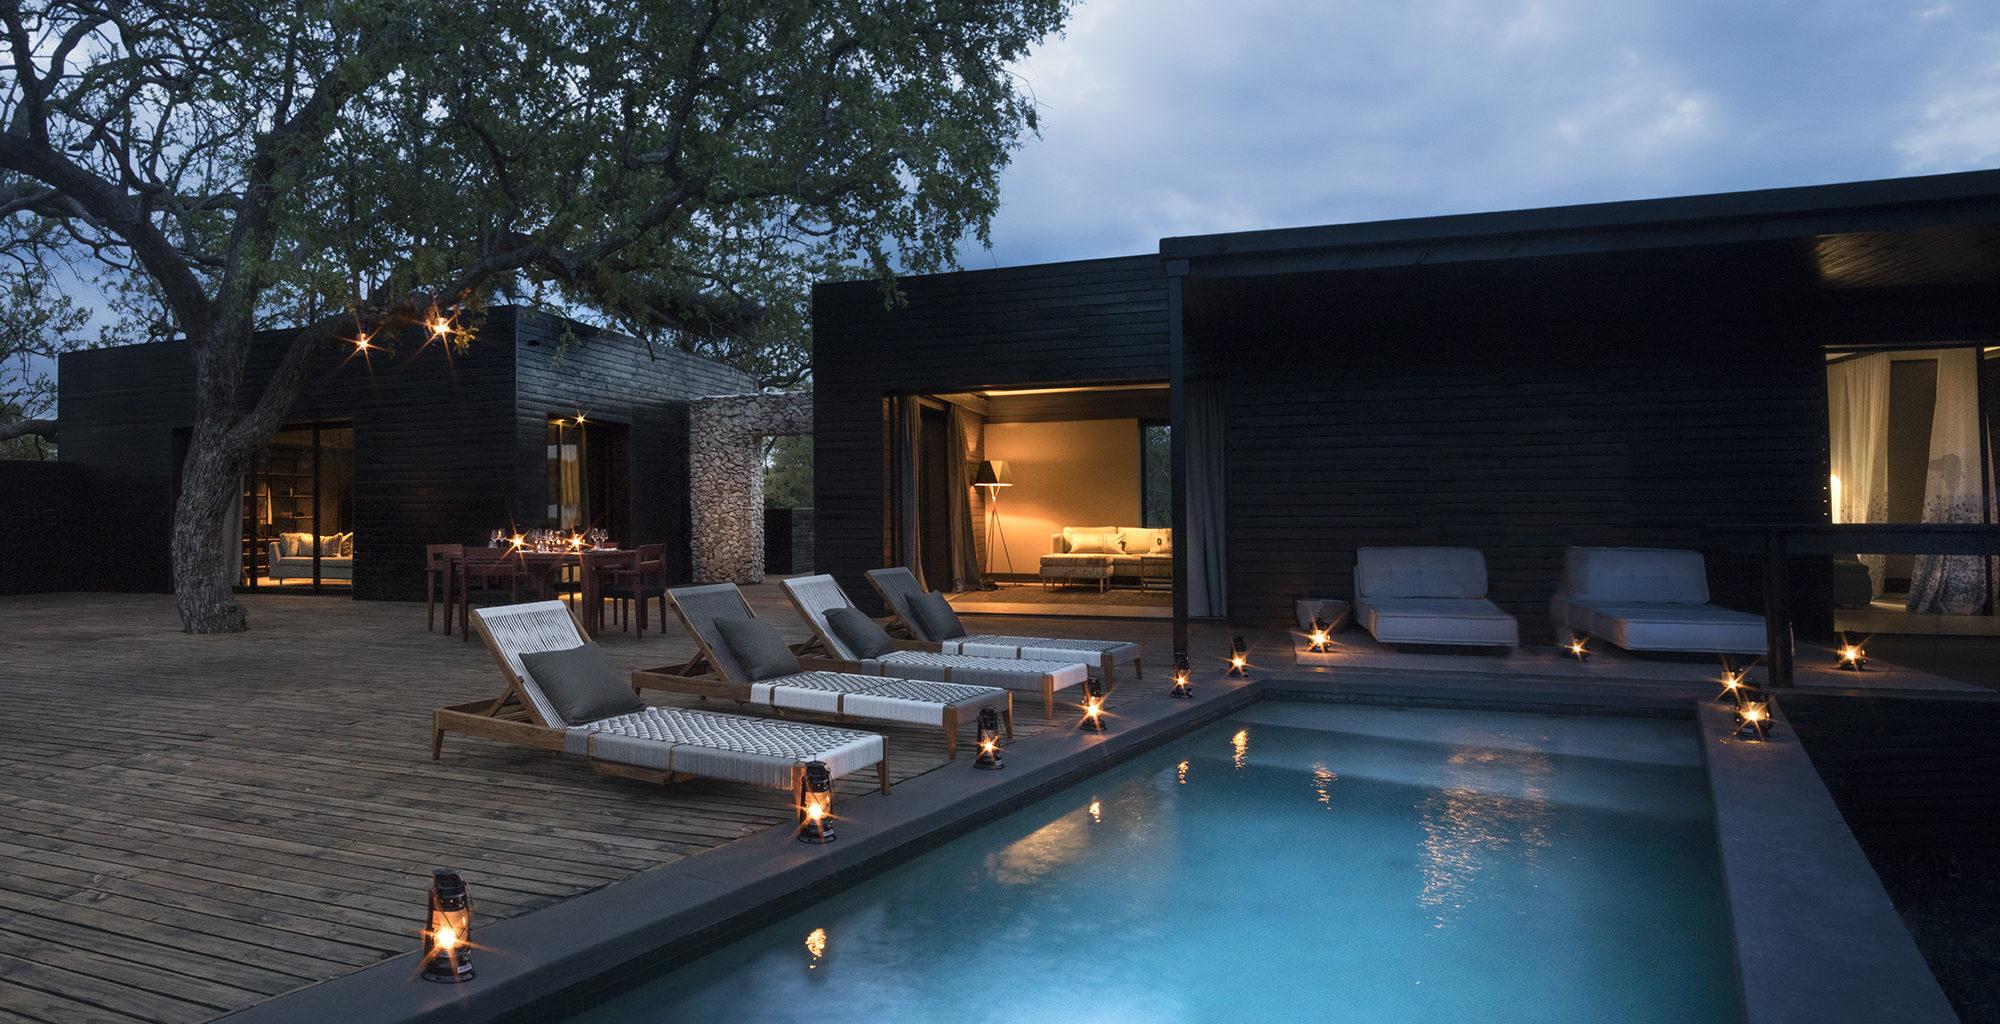 South-Africa-Silvan-Safari-Swimming-Pool